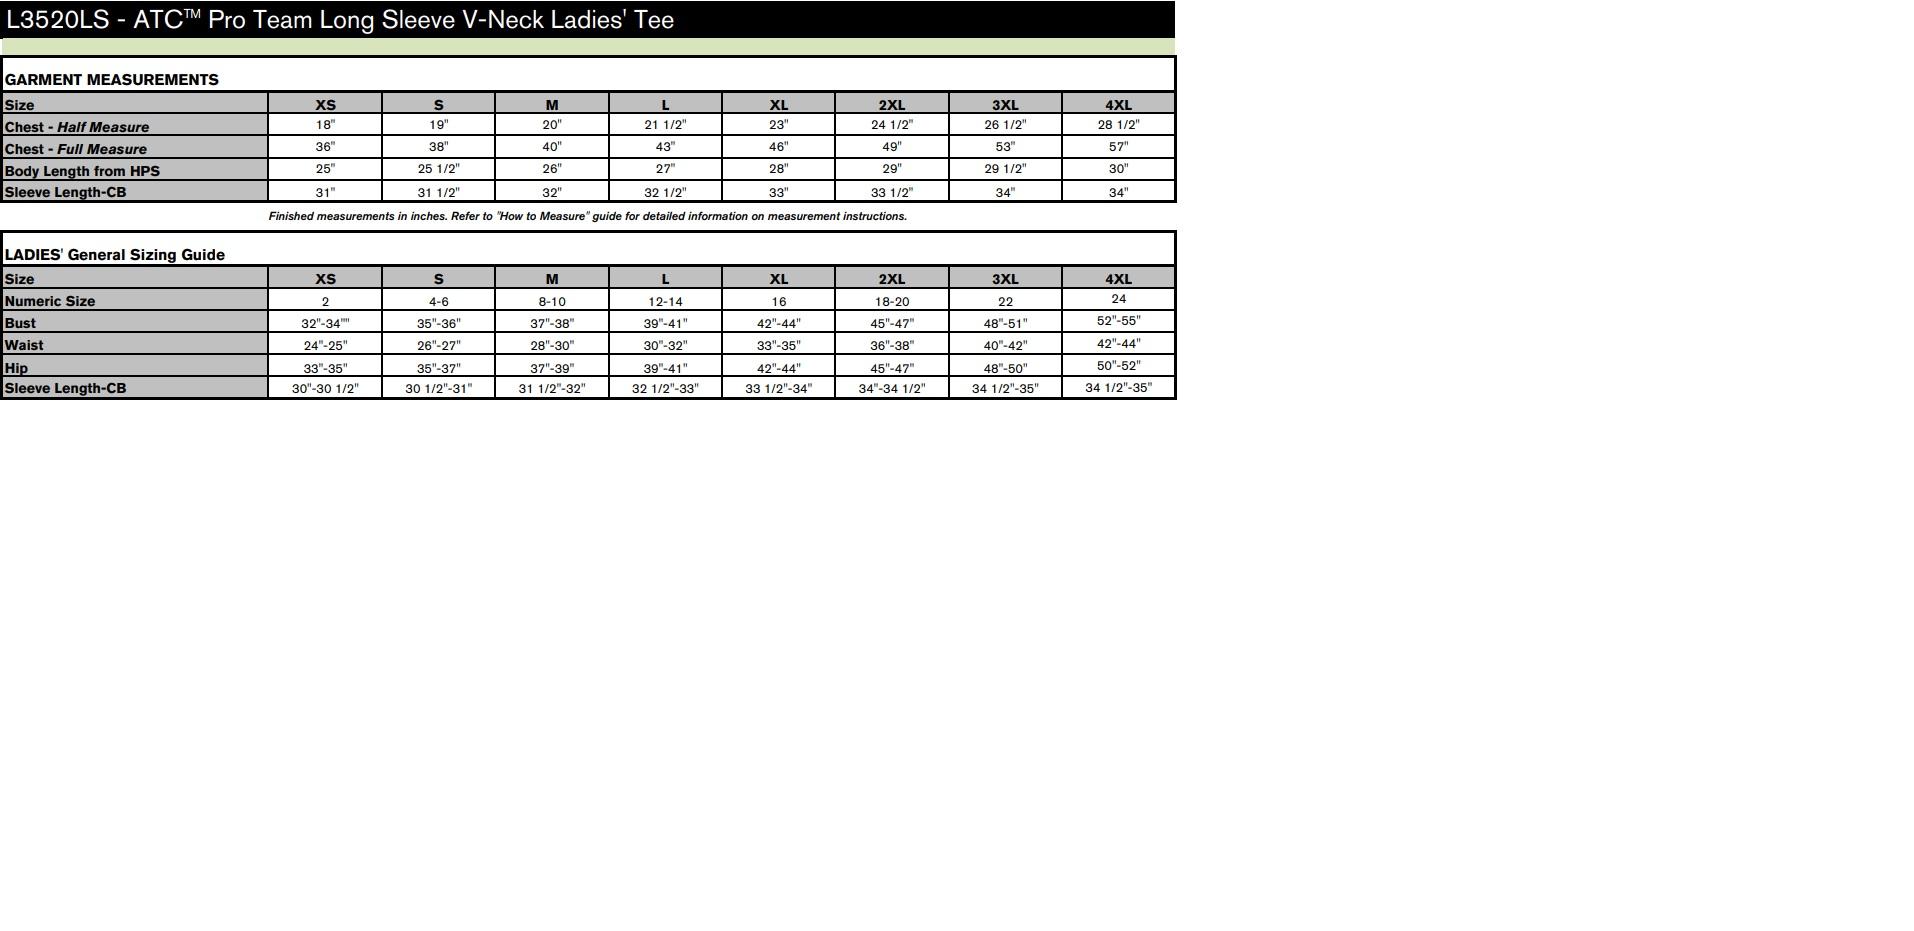 atc-l3520ls-women-s-tee-size-chart.jpg